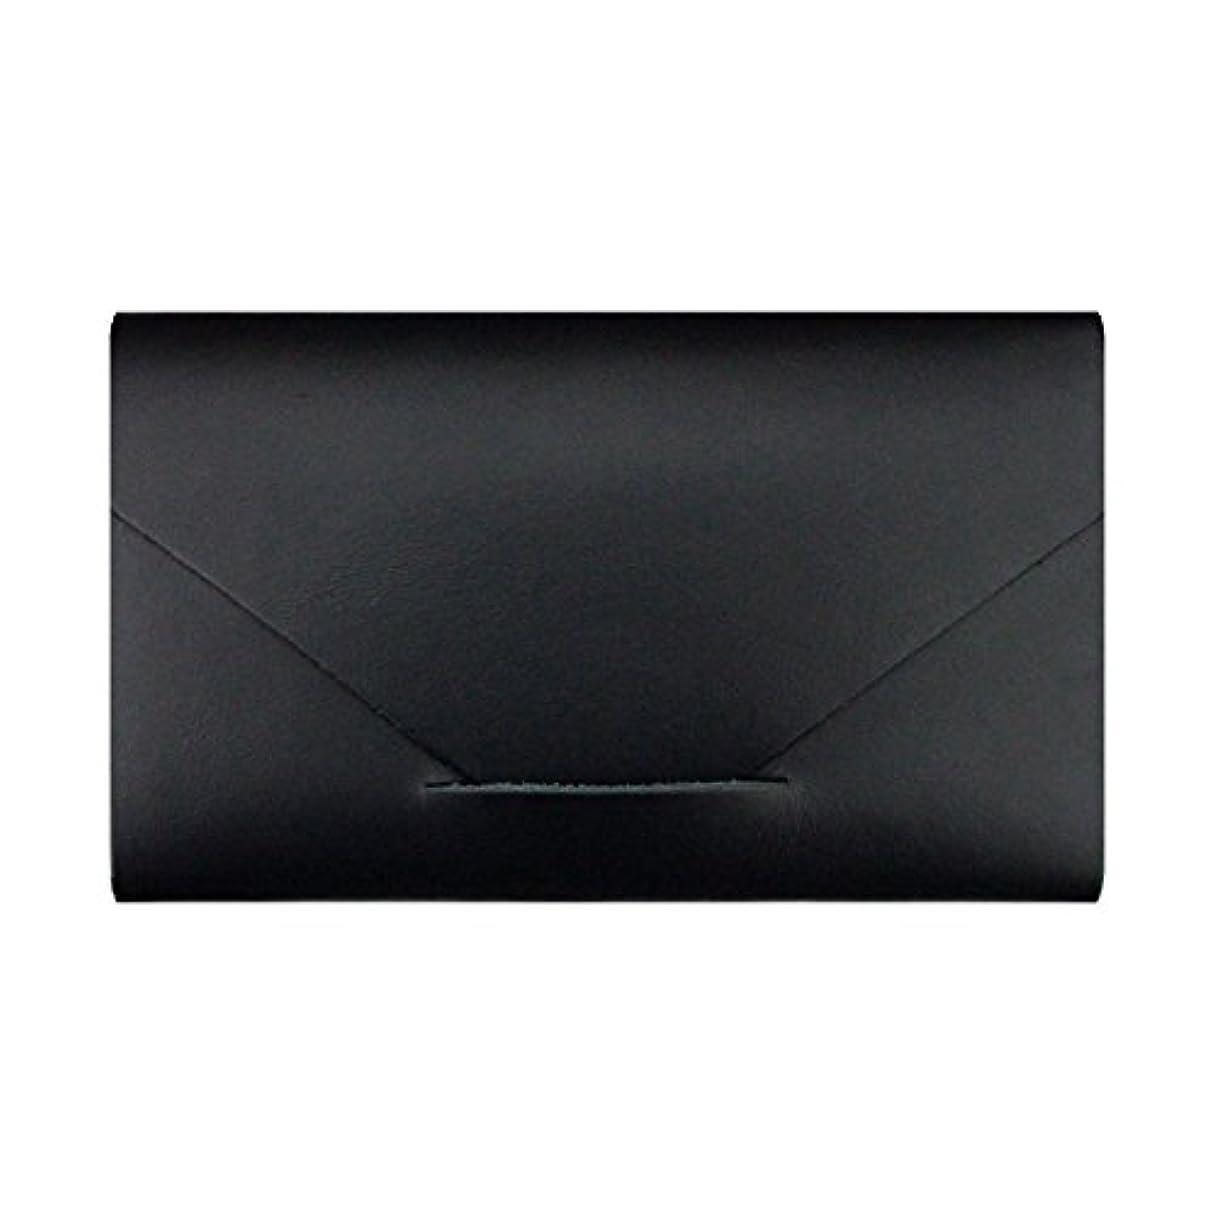 アイザック識別する司教MODERN AGE TOKYO 2 カードケース(サシェ3種入) ブラック BLACK CARD CASE モダンエイジトウキョウツー